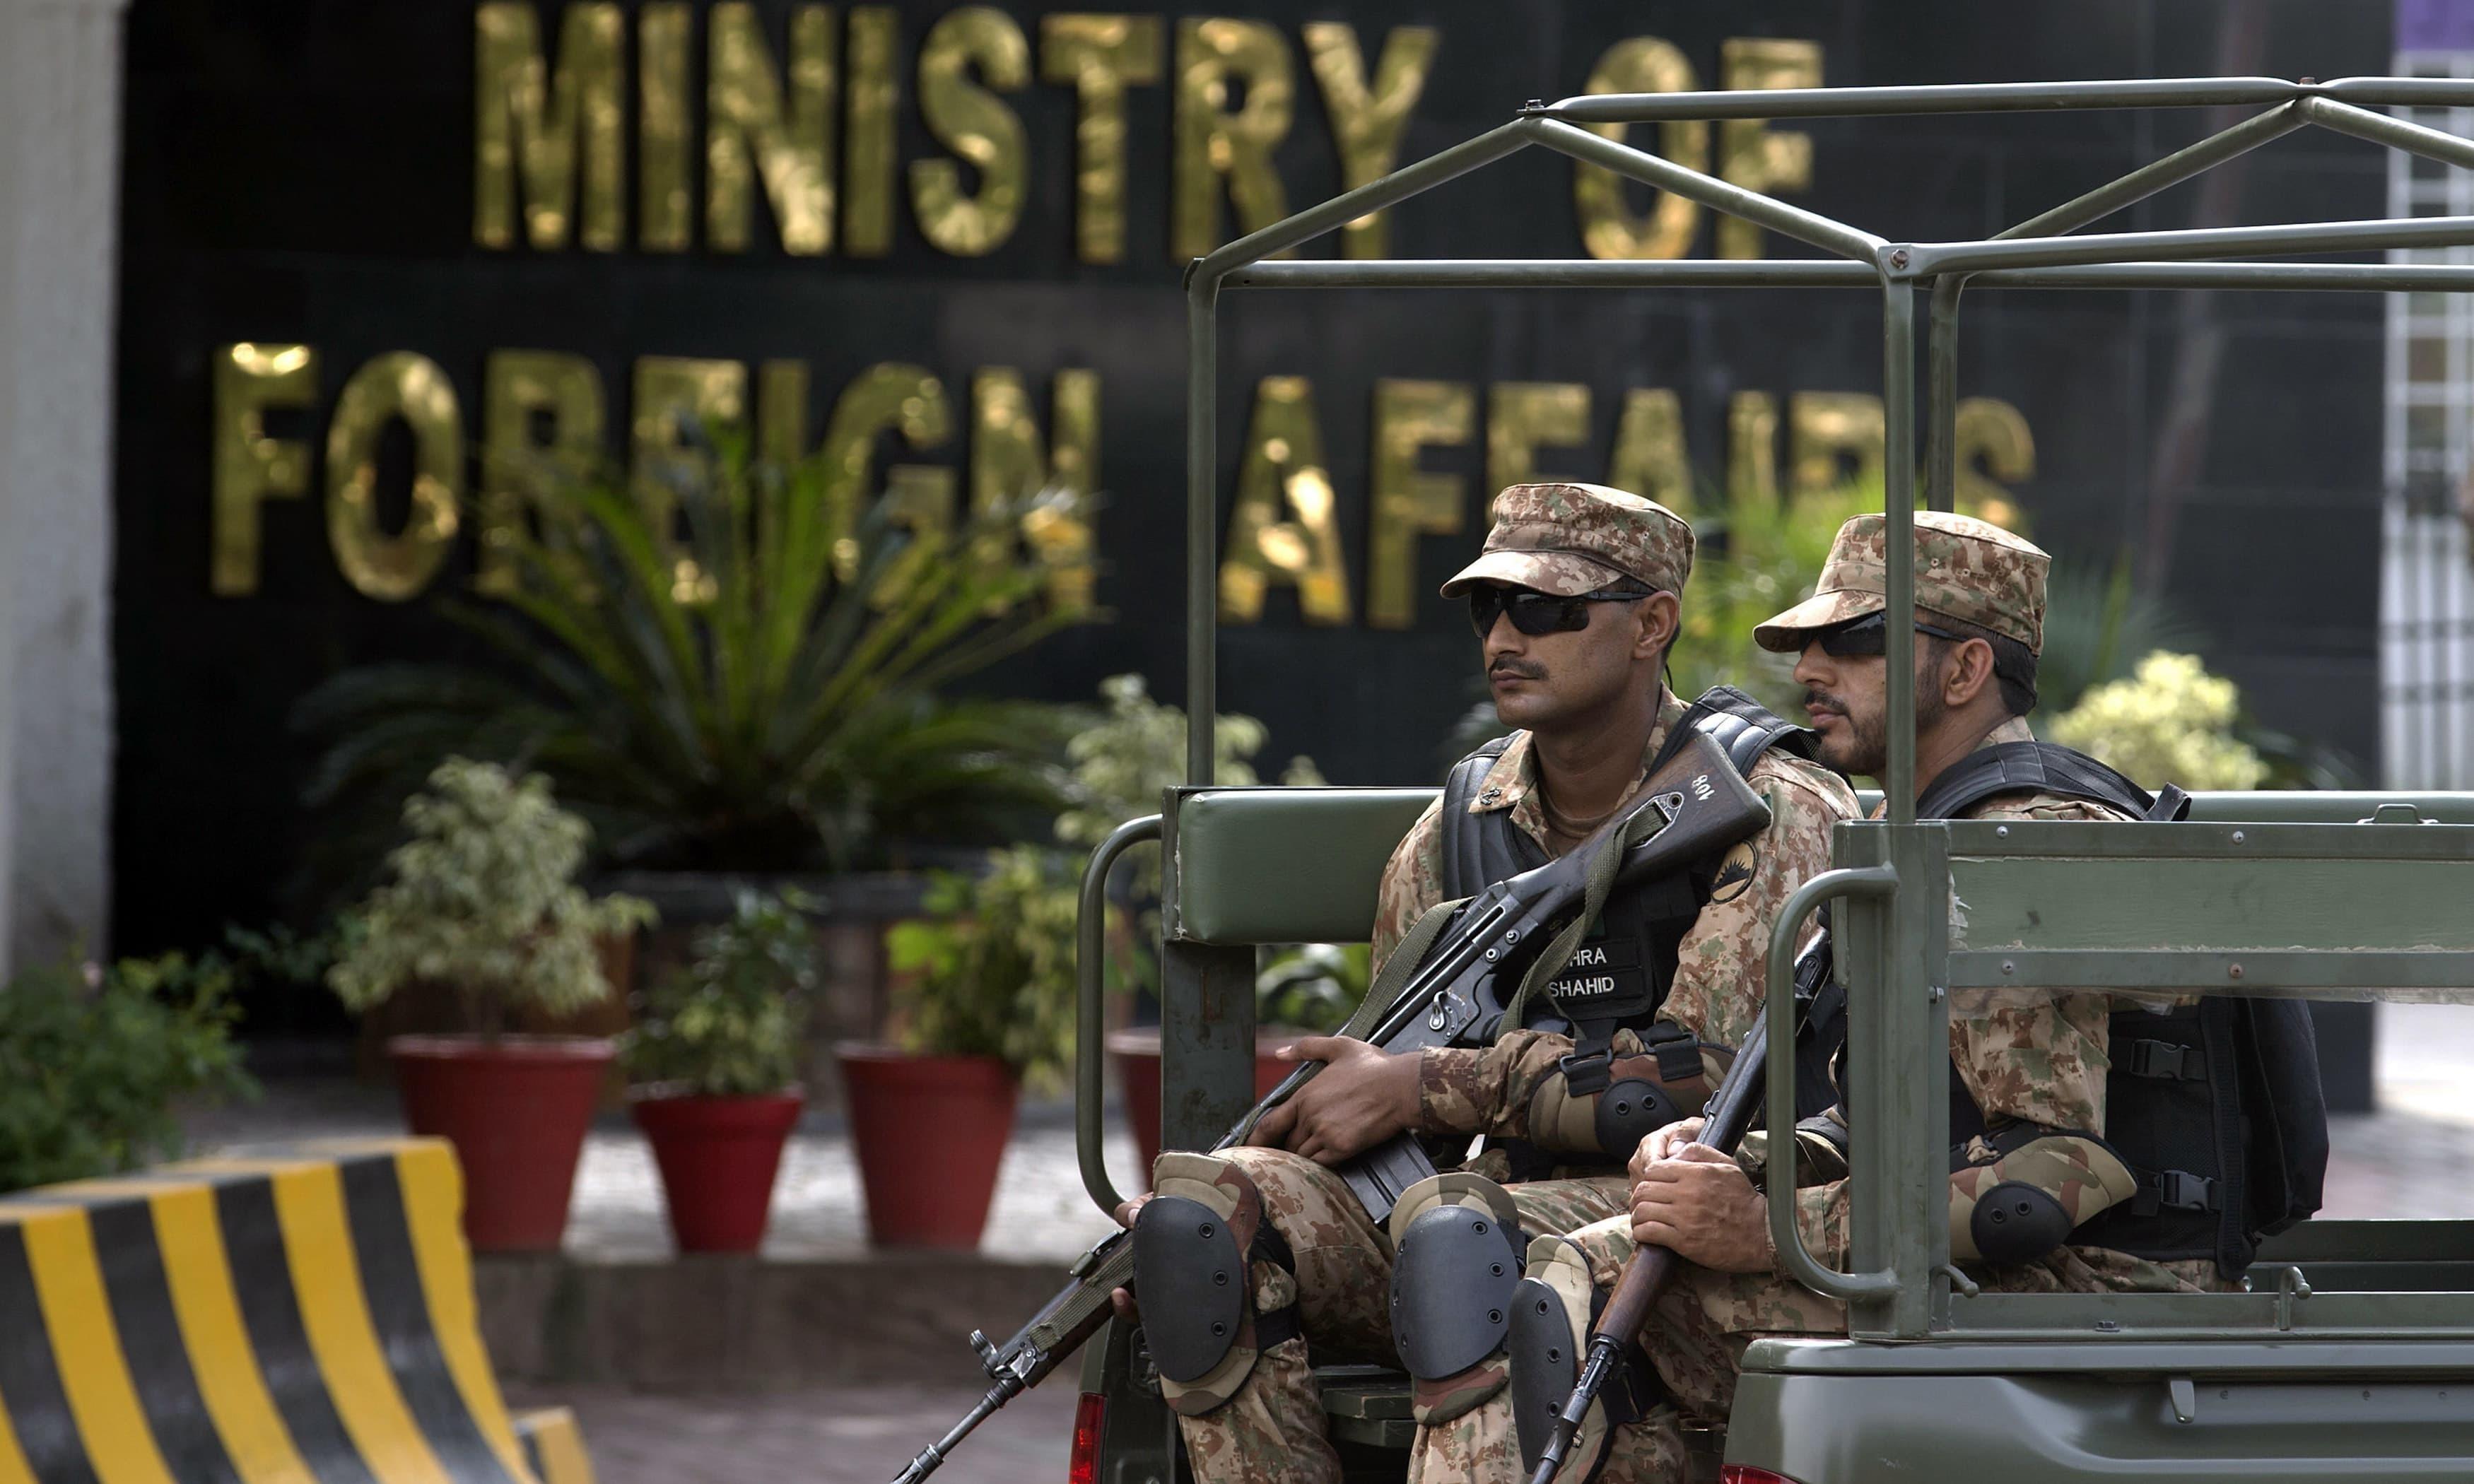 دفتر خارجہ کے مطابق بھارت نے رواں برس 2 ہزار 840 مرتبہ جنگ بندی معاہدے کی خلاف ورزی کی—فائل فوٹو: اے پی